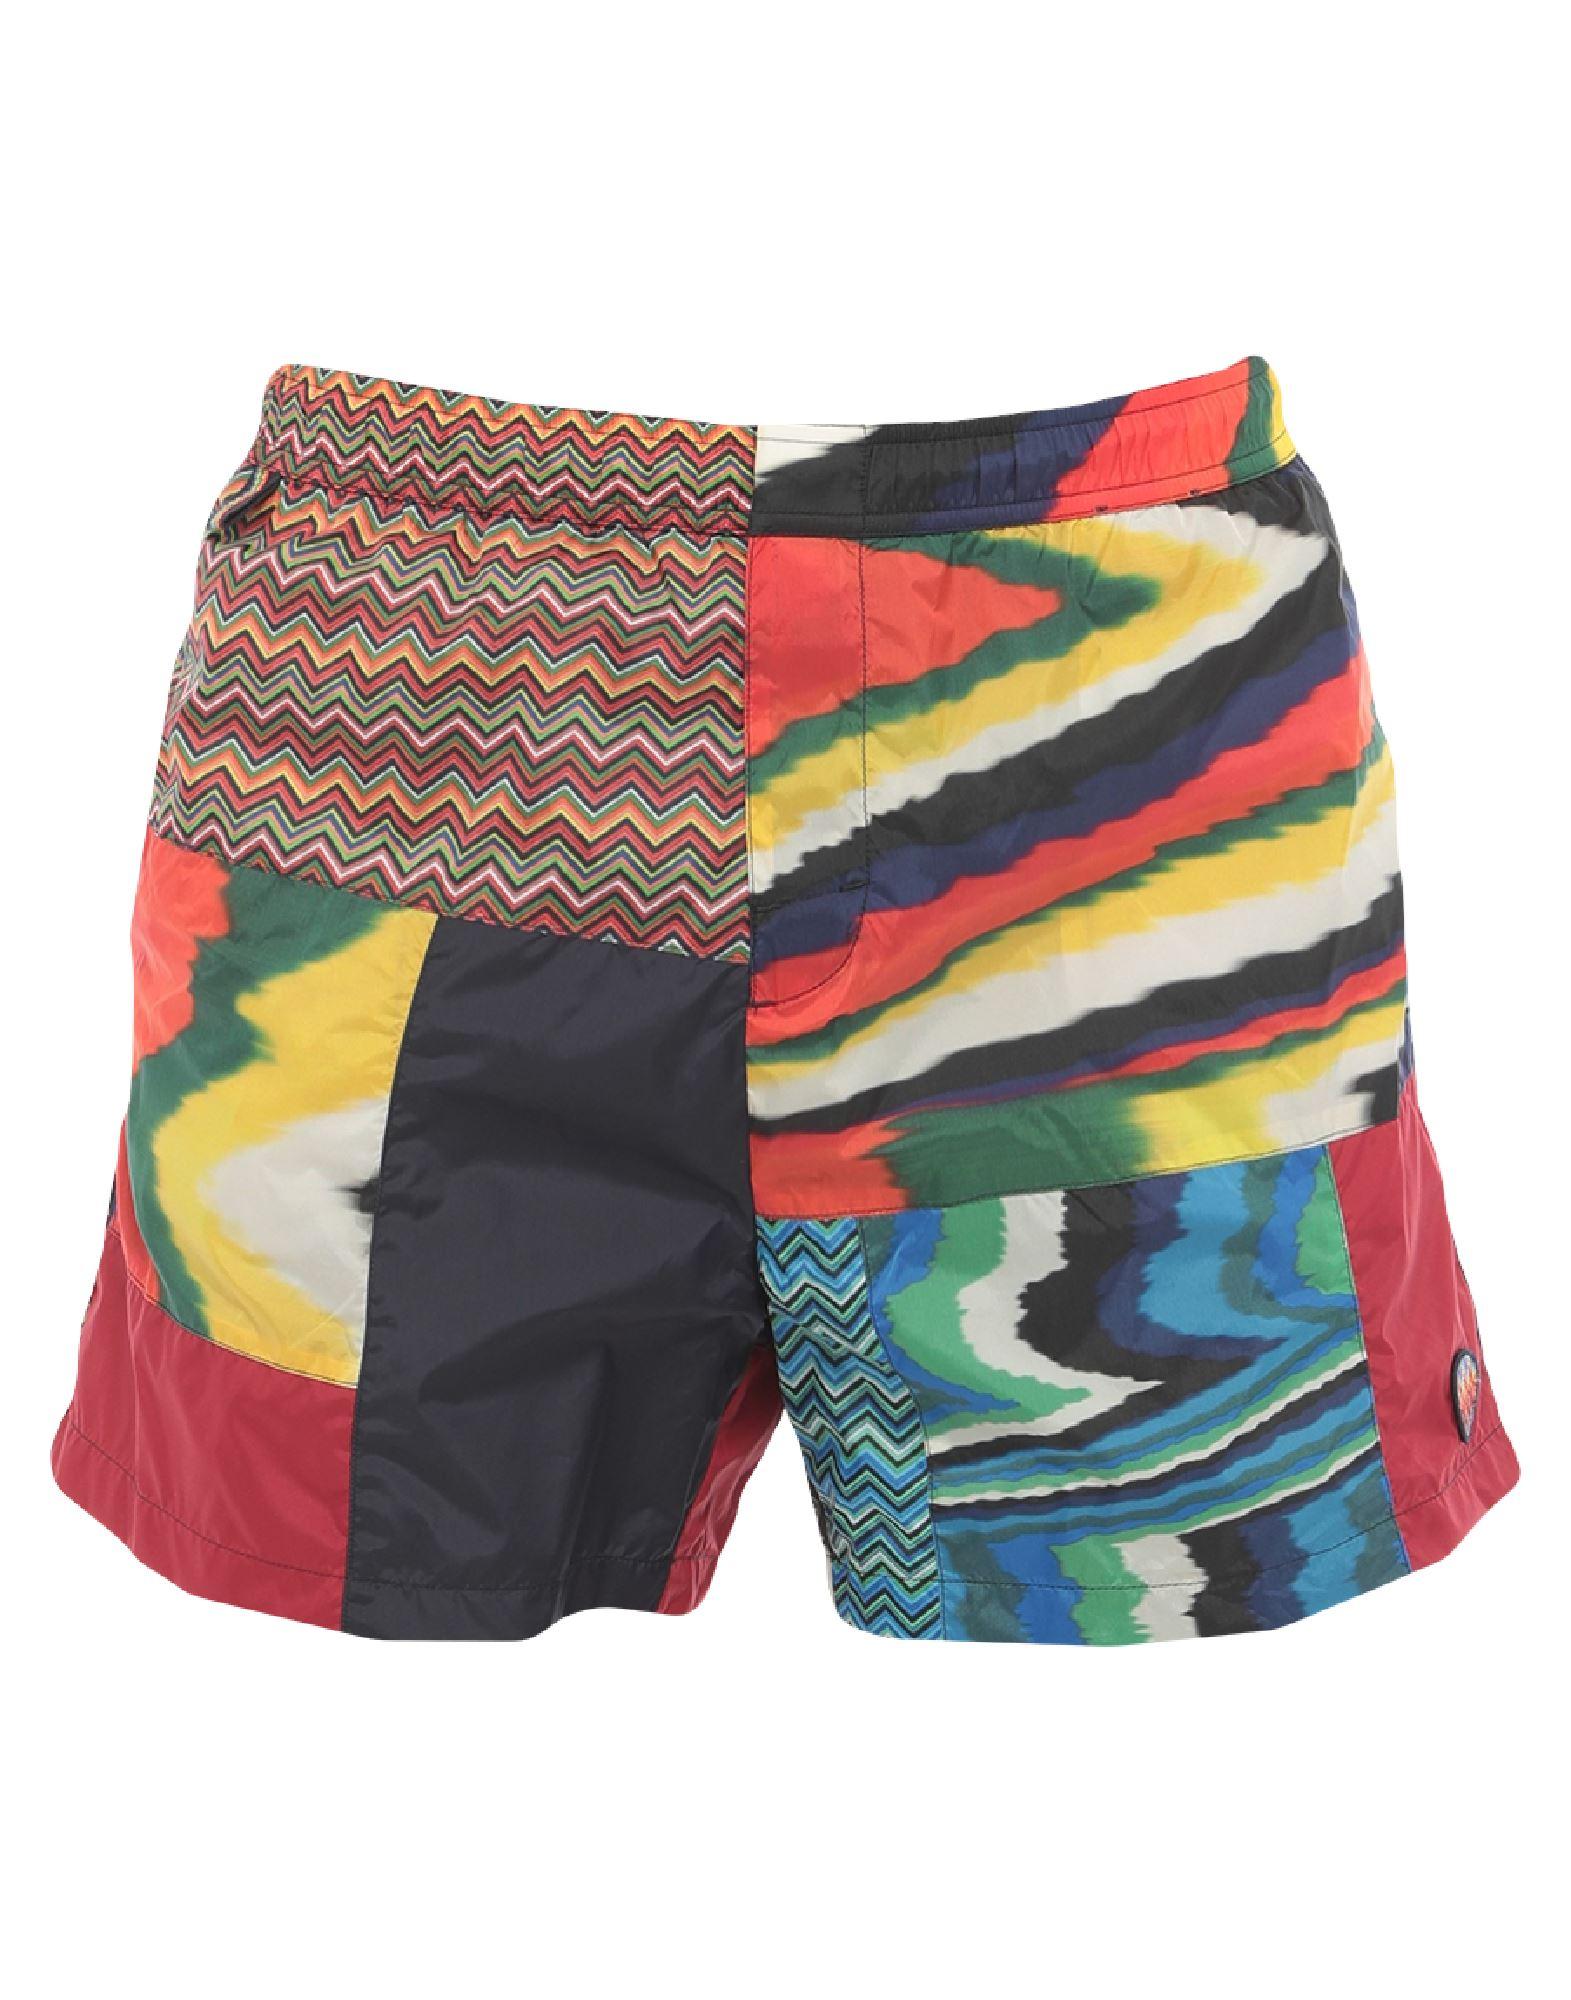 MISSONI MARE Swim trunks - Item 47273786